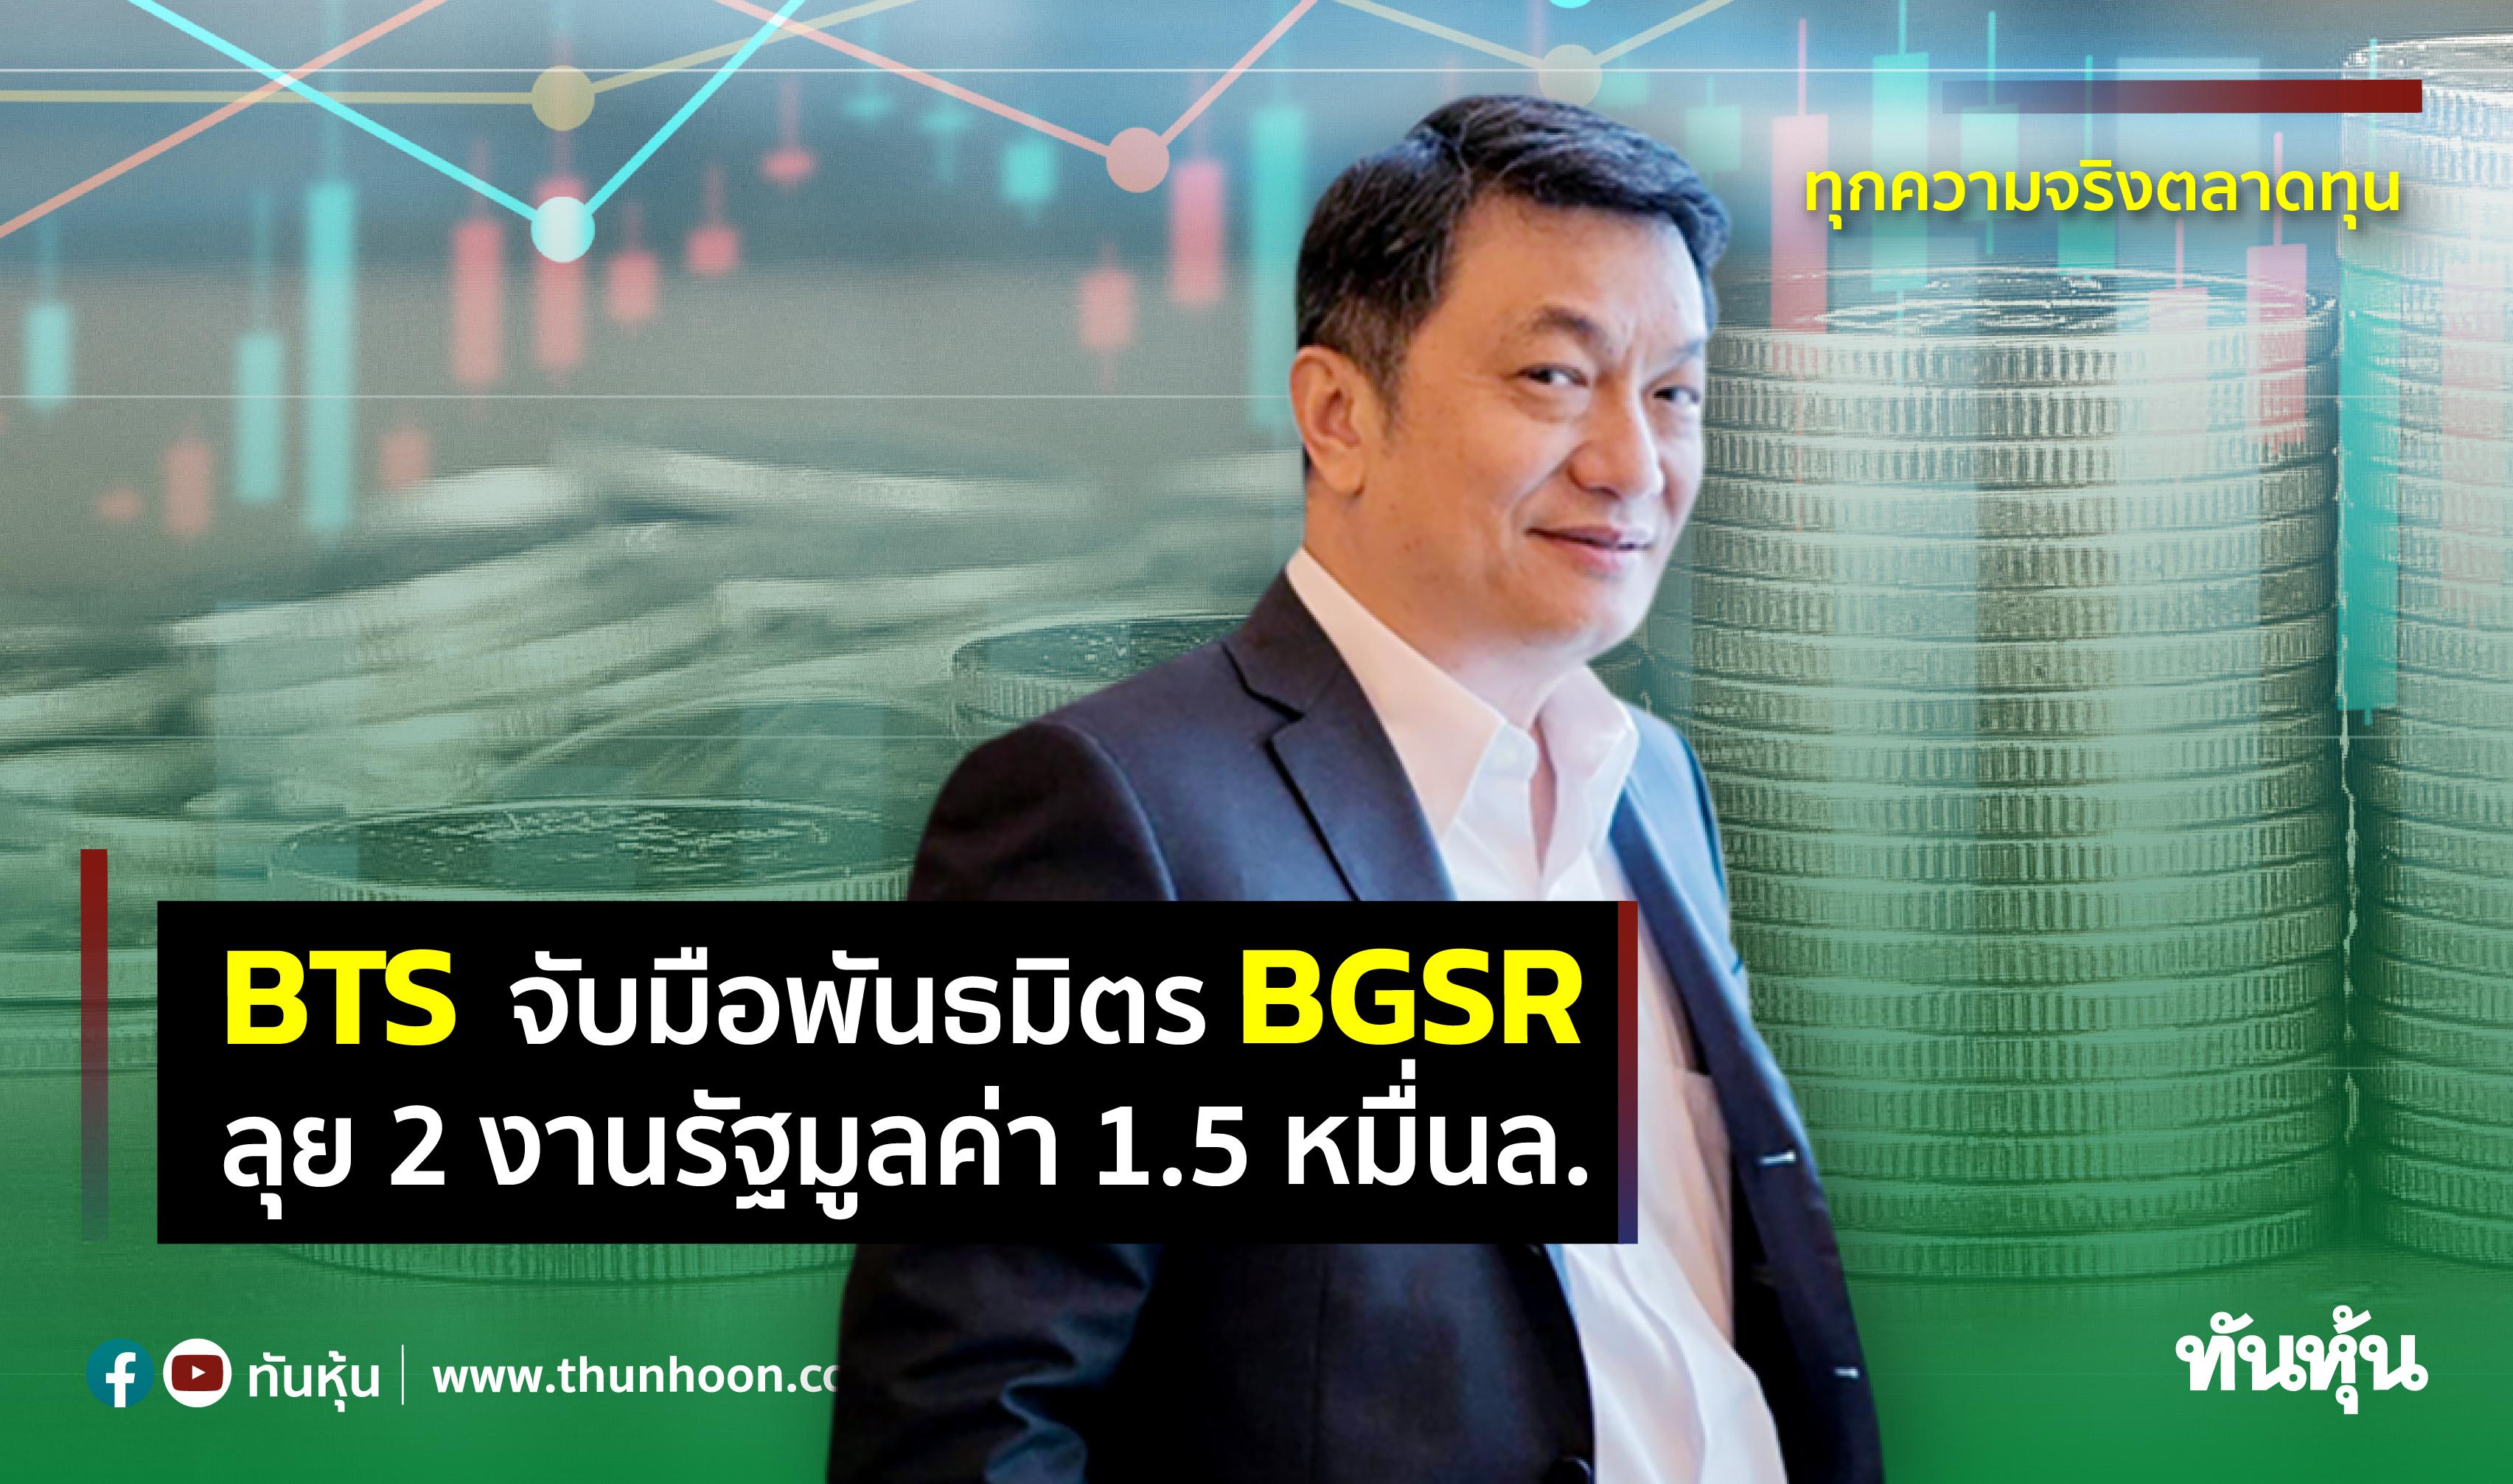 BTS จับมือพันธมิตรBGSR ลุย2งานรัฐมูลค่า1.5หมื่นล.